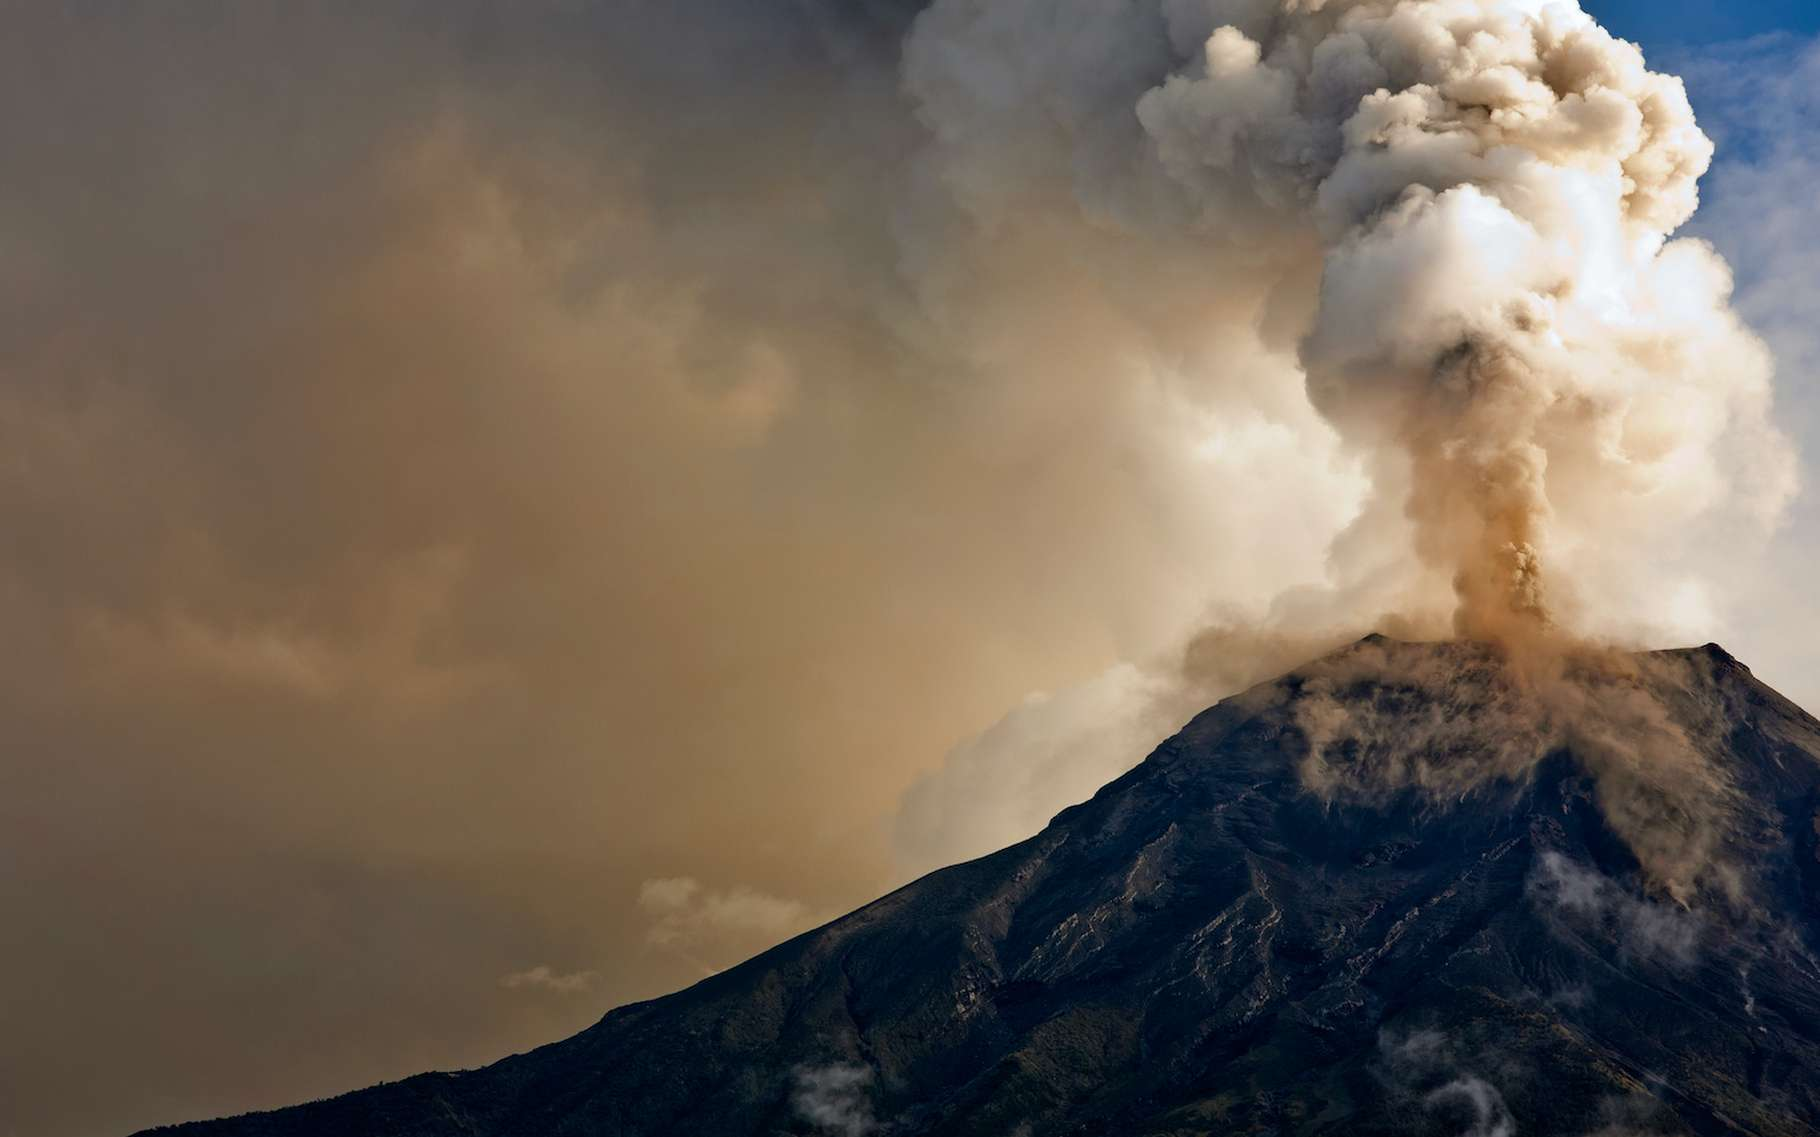 Les chercheurs pensaient que la quasi-totalité du carbone englouti par la Terre revenait dans l'atmosphère sous forme d'un dioxyde de carbone (CO2) expulsé par les volcans. Une nouvelle étude conclut que ce n'est pas le cas. © Eva Kali, Adobe Stock